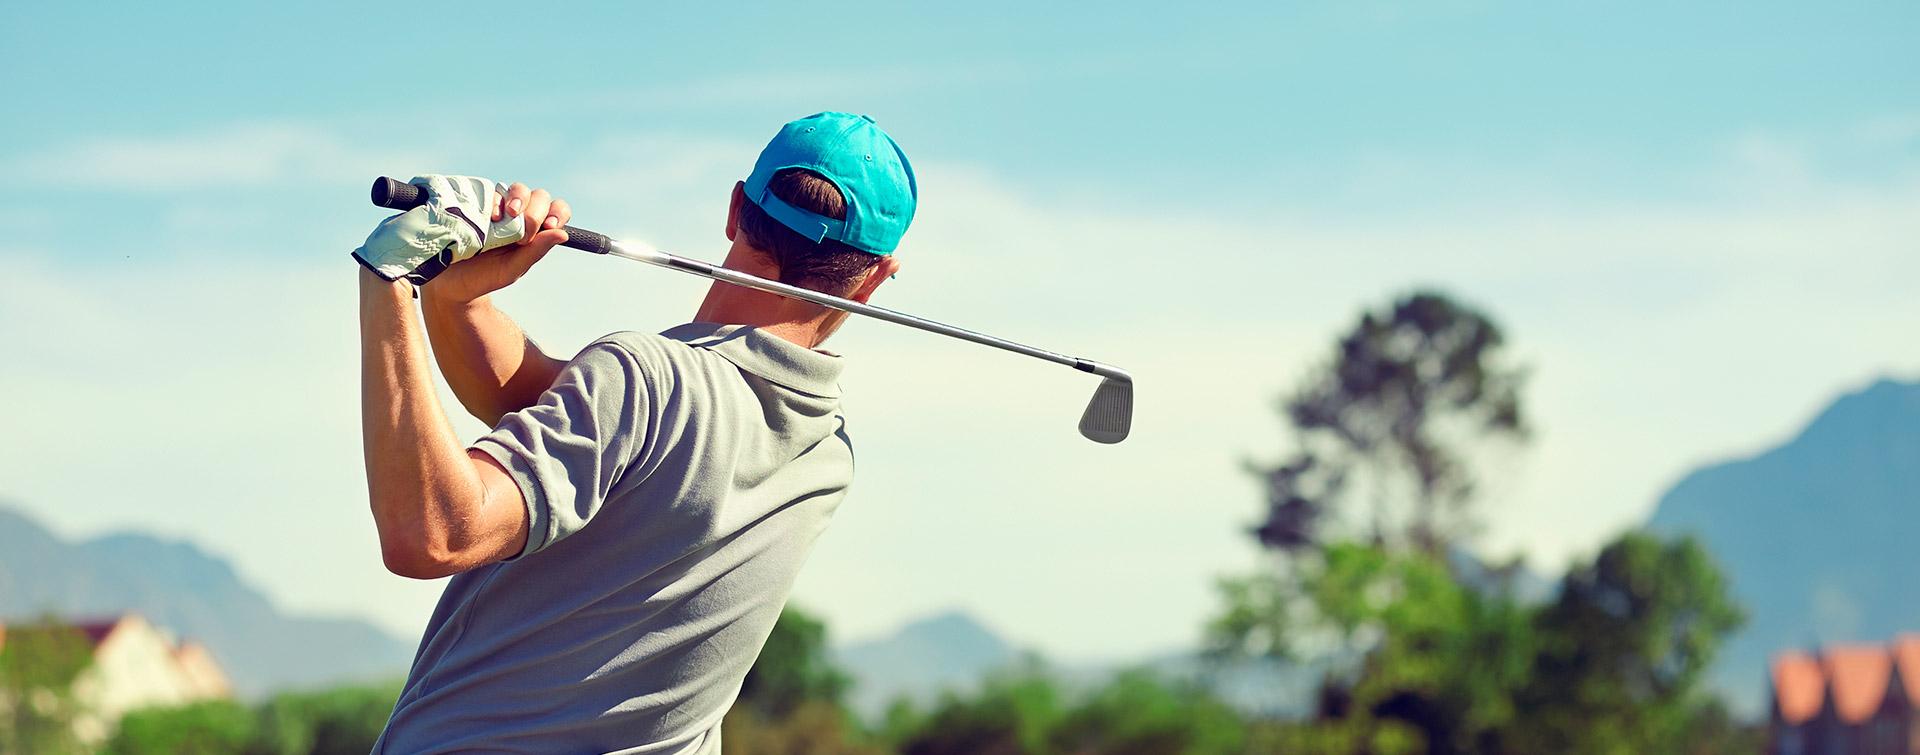 Cabecera del Open de golf en verano julio 2021